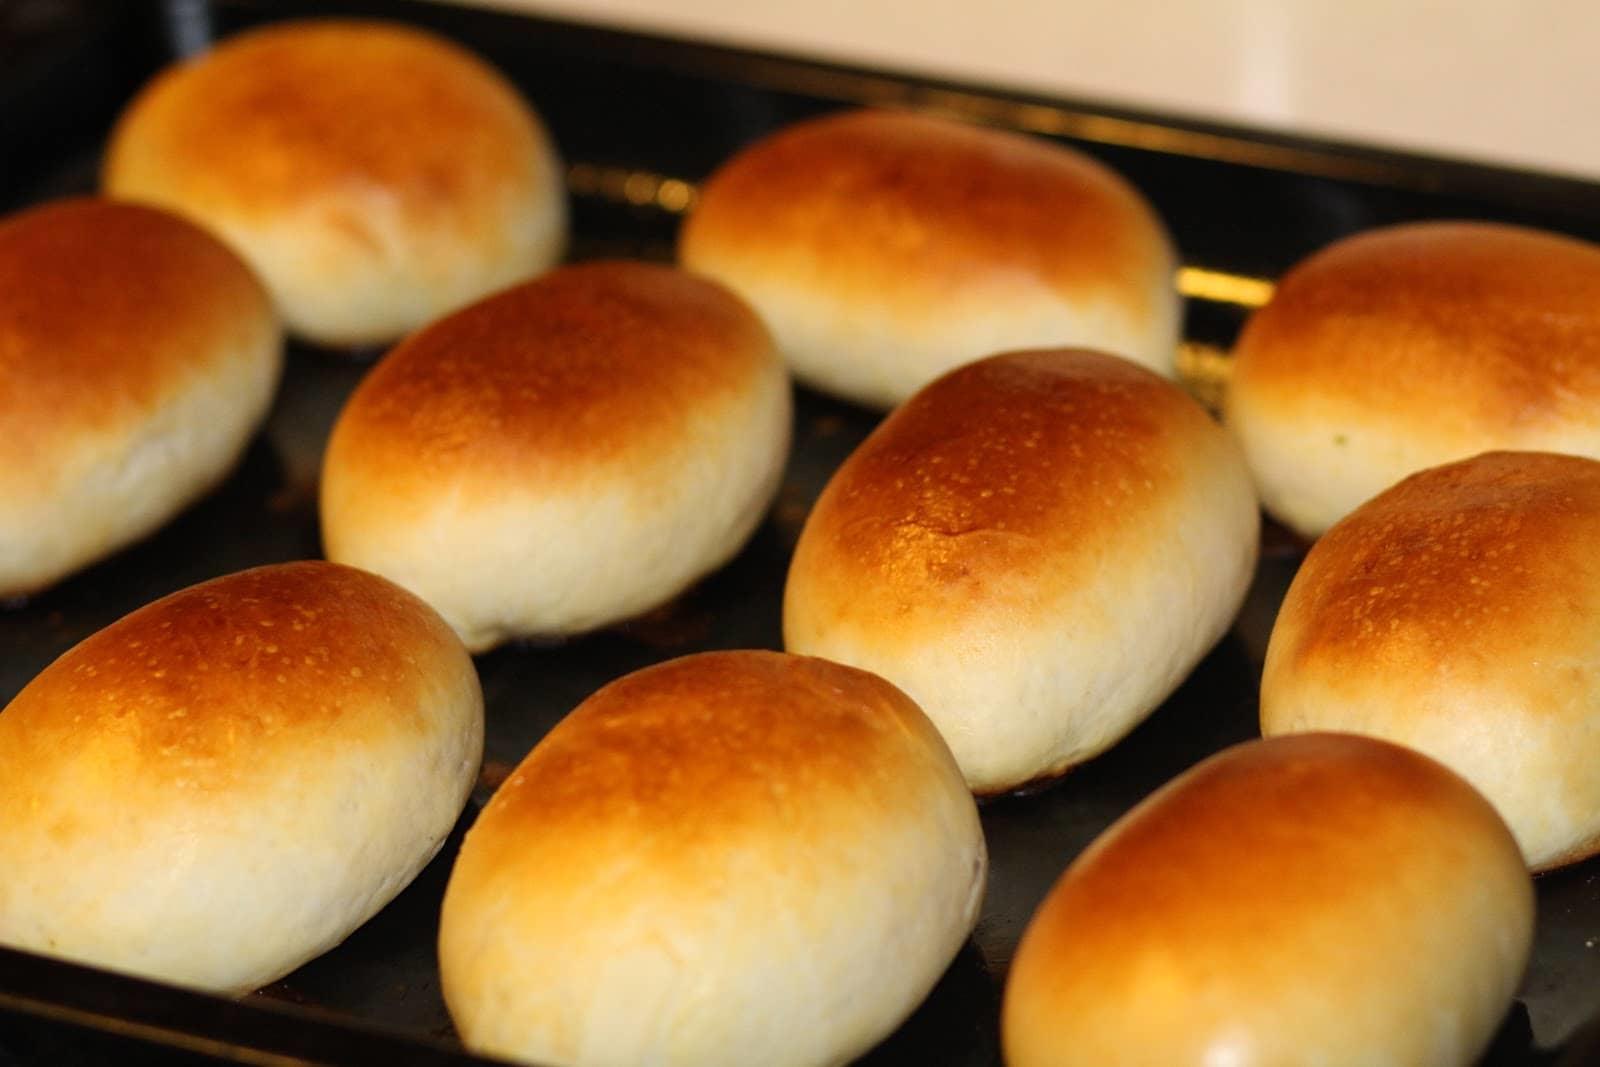 После того, как на пирожках появился румянец, их можно вынимать из духовки